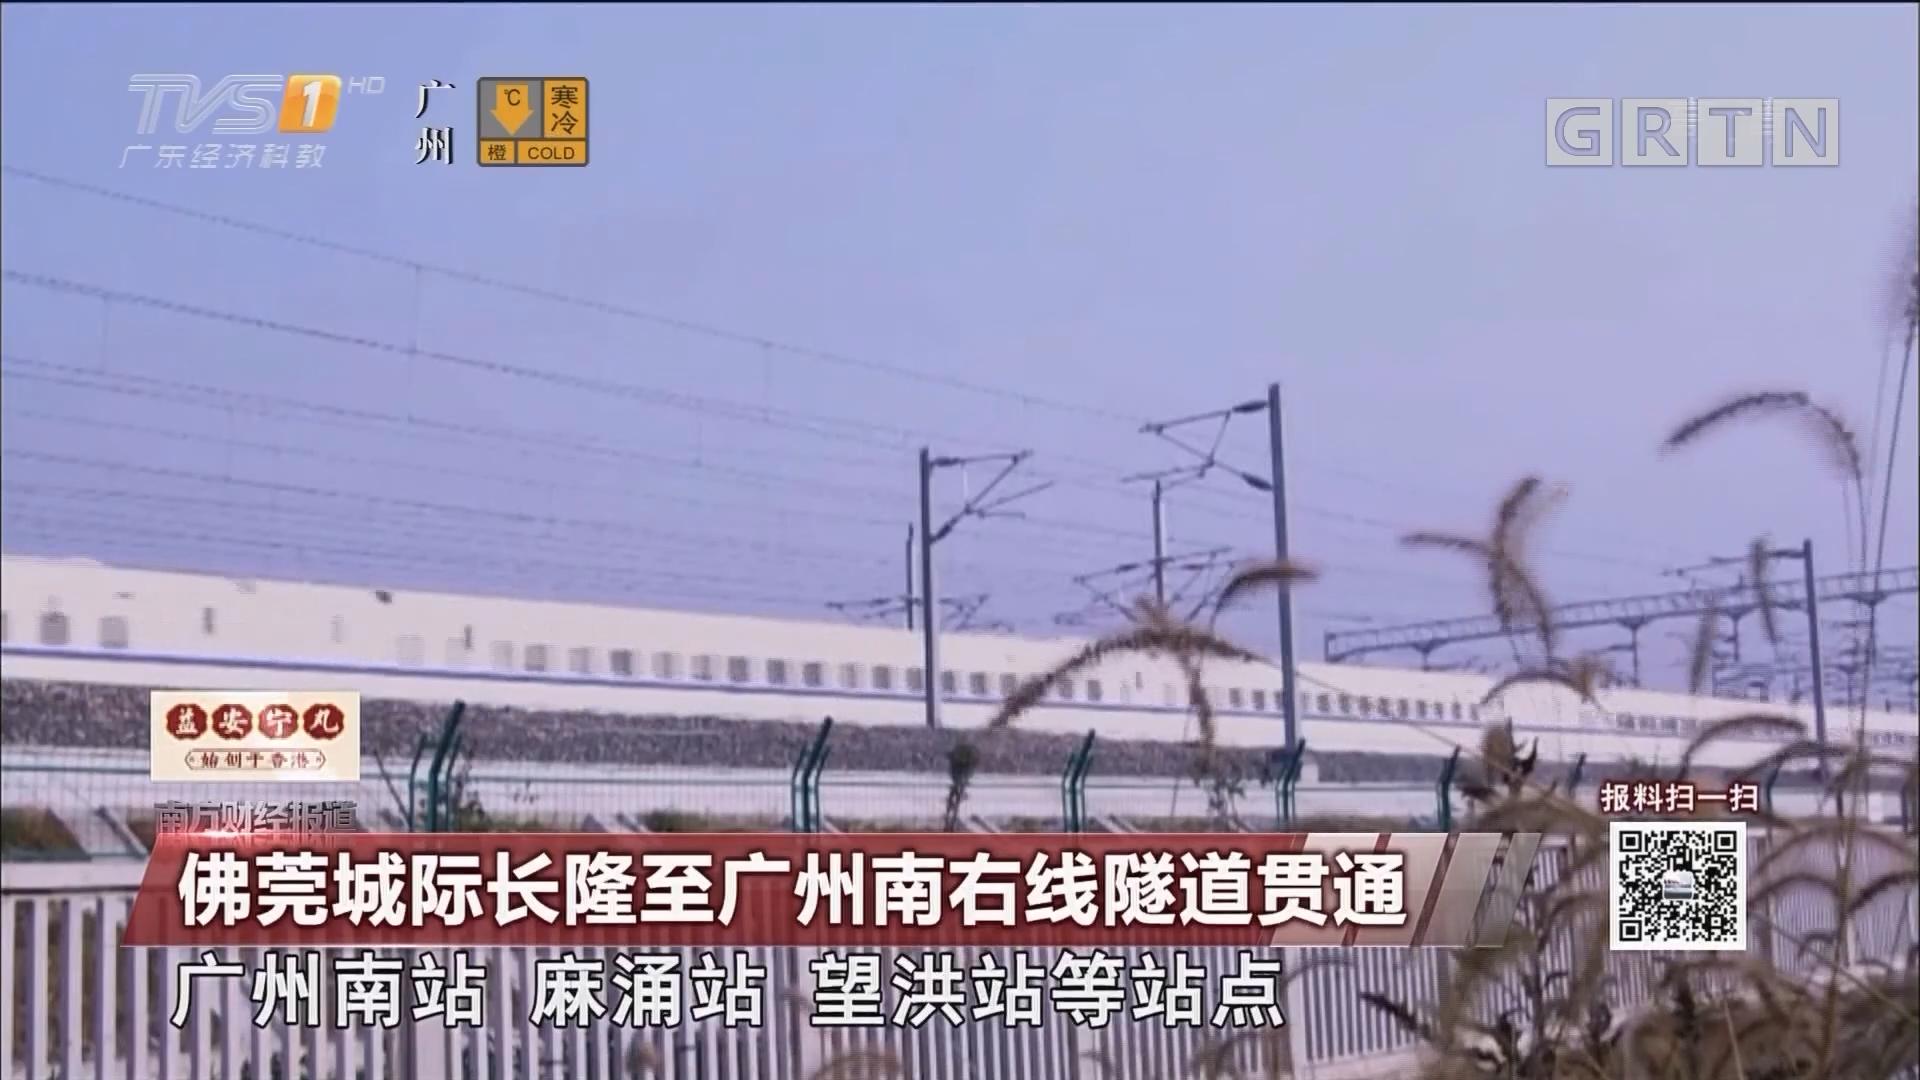 佛莞城际长隆至广州南右线隧道贯通